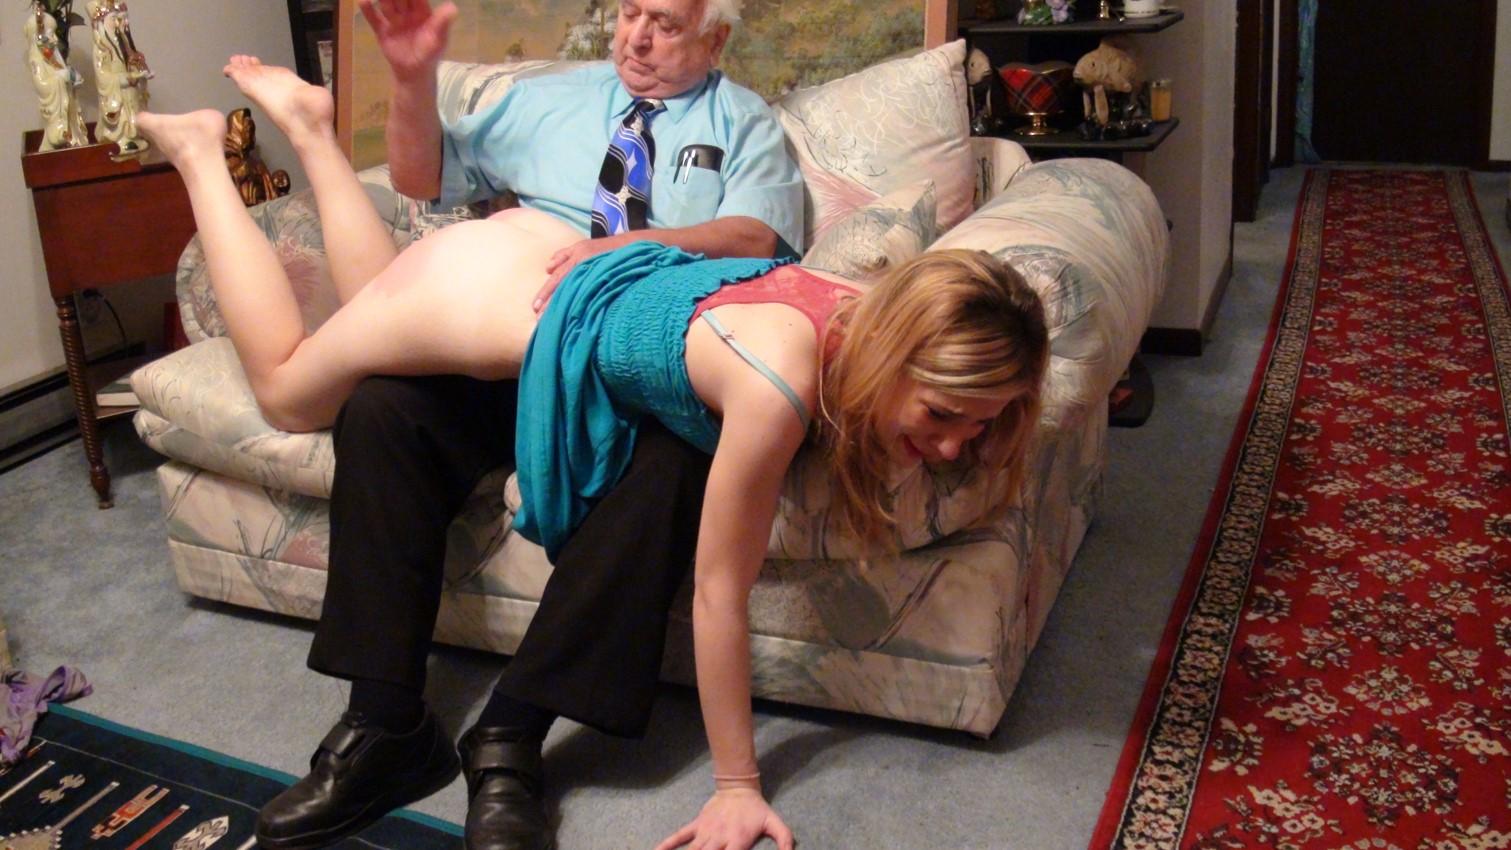 Domestic-Submissive, 1